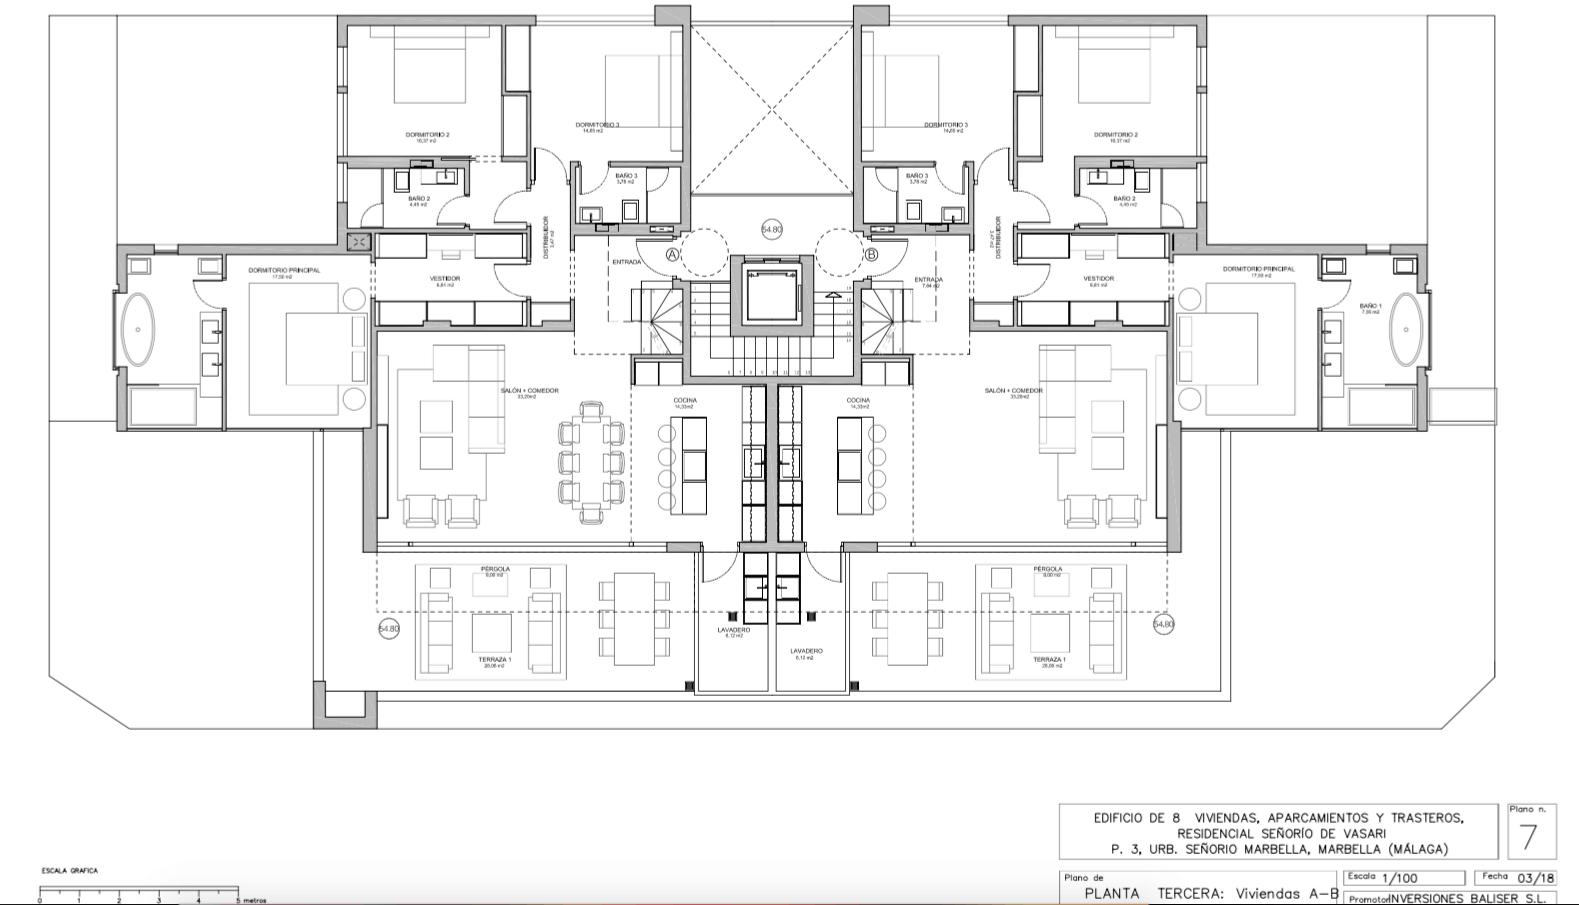 senorio de vasari marbella golden mile exclusief appartement penthouse kopen nieuwbouw modern design grondplan penthouse